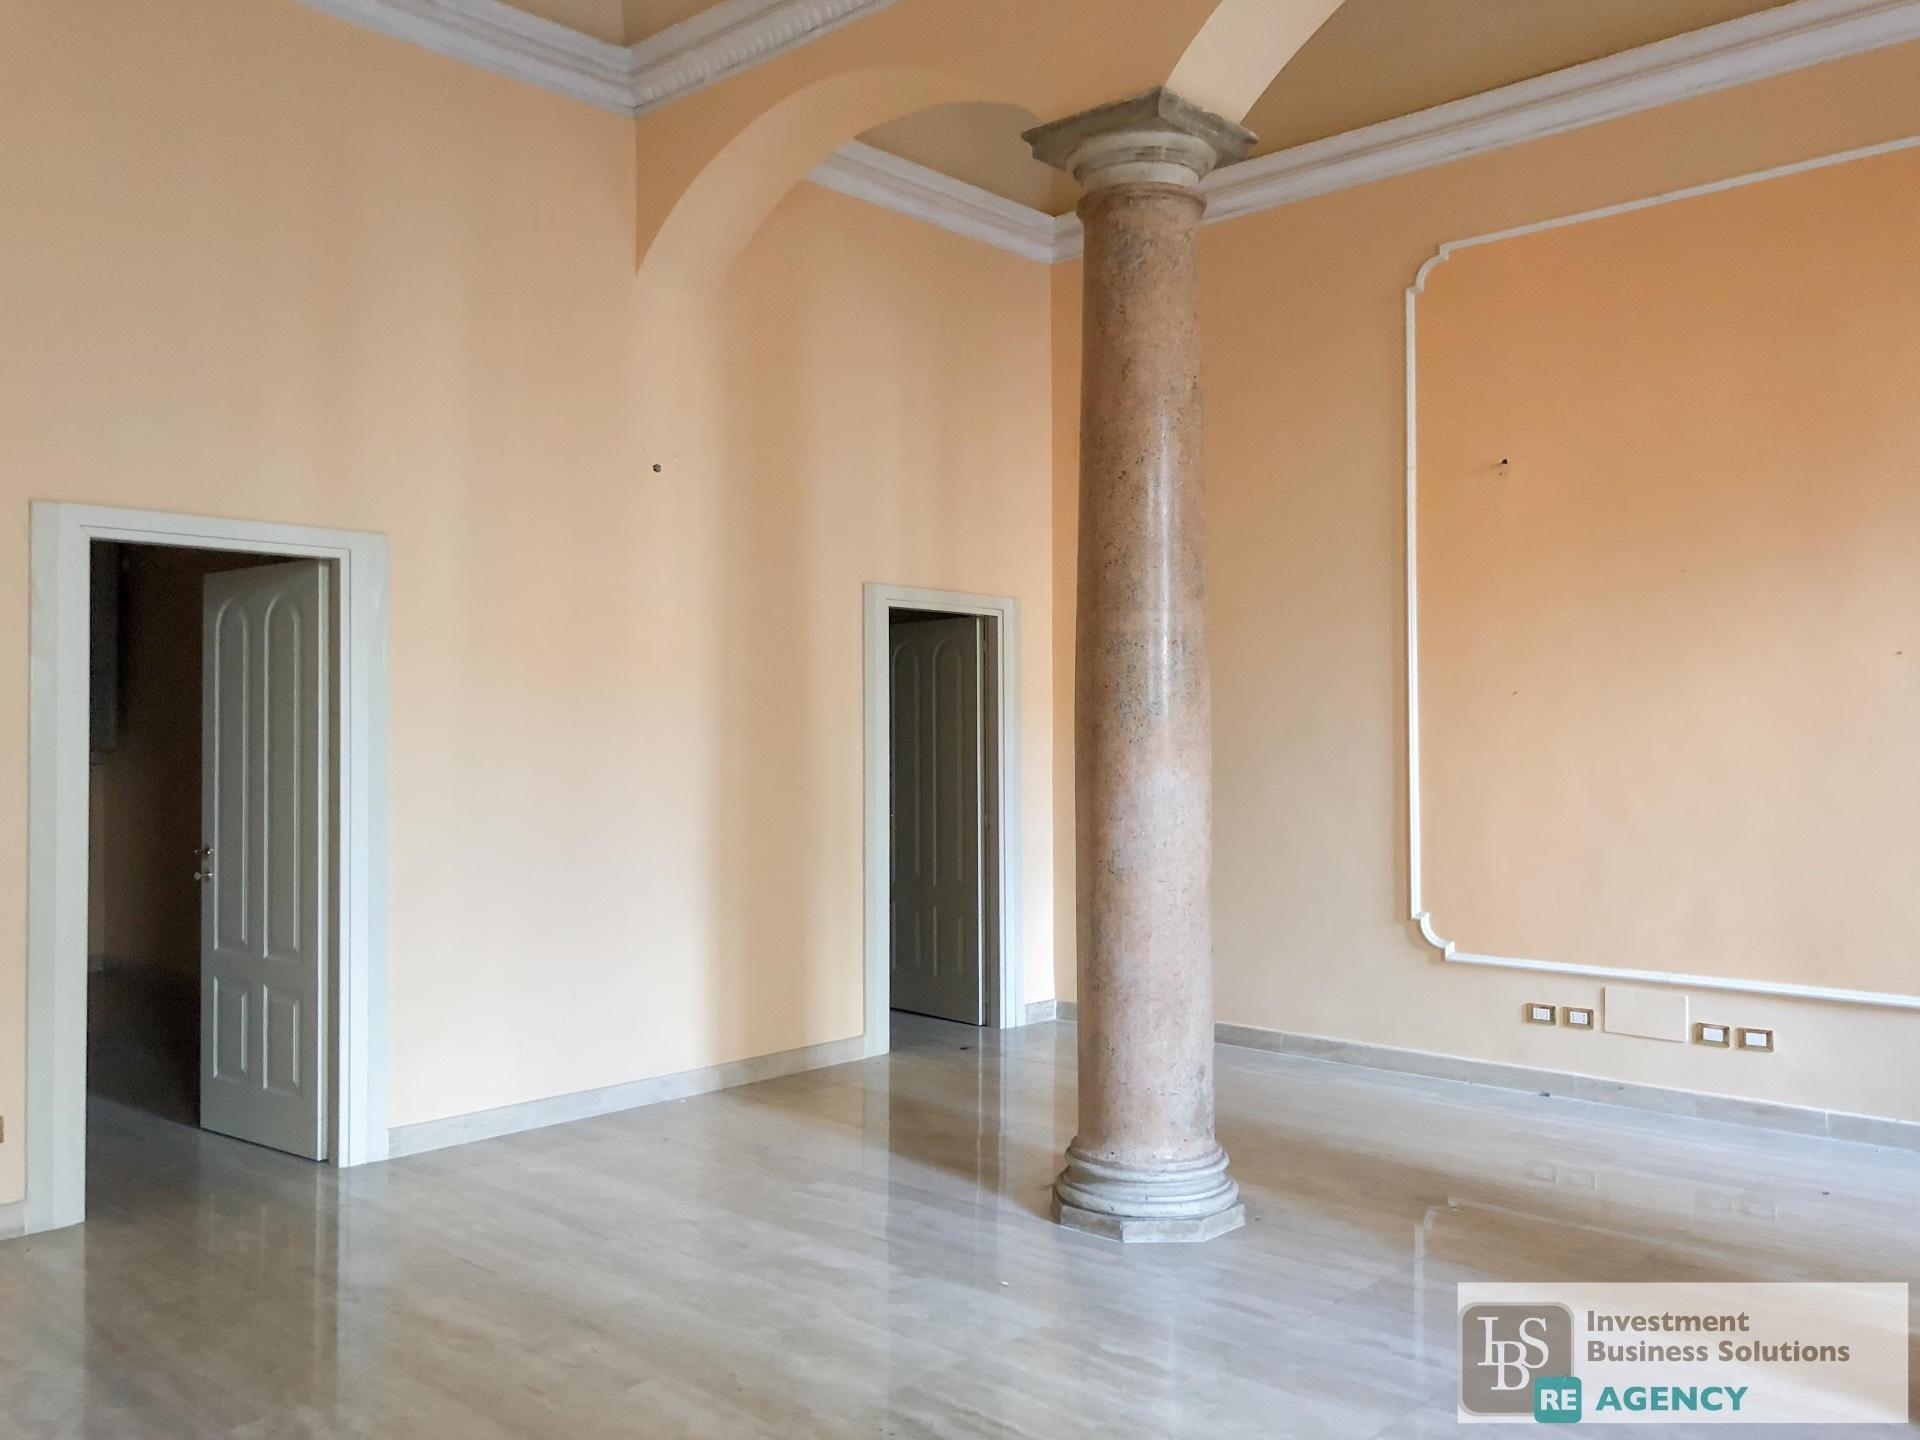 Ufficio In Vendita Roma : Ufficio studio in vendita a roma cod campo marzio ufficio